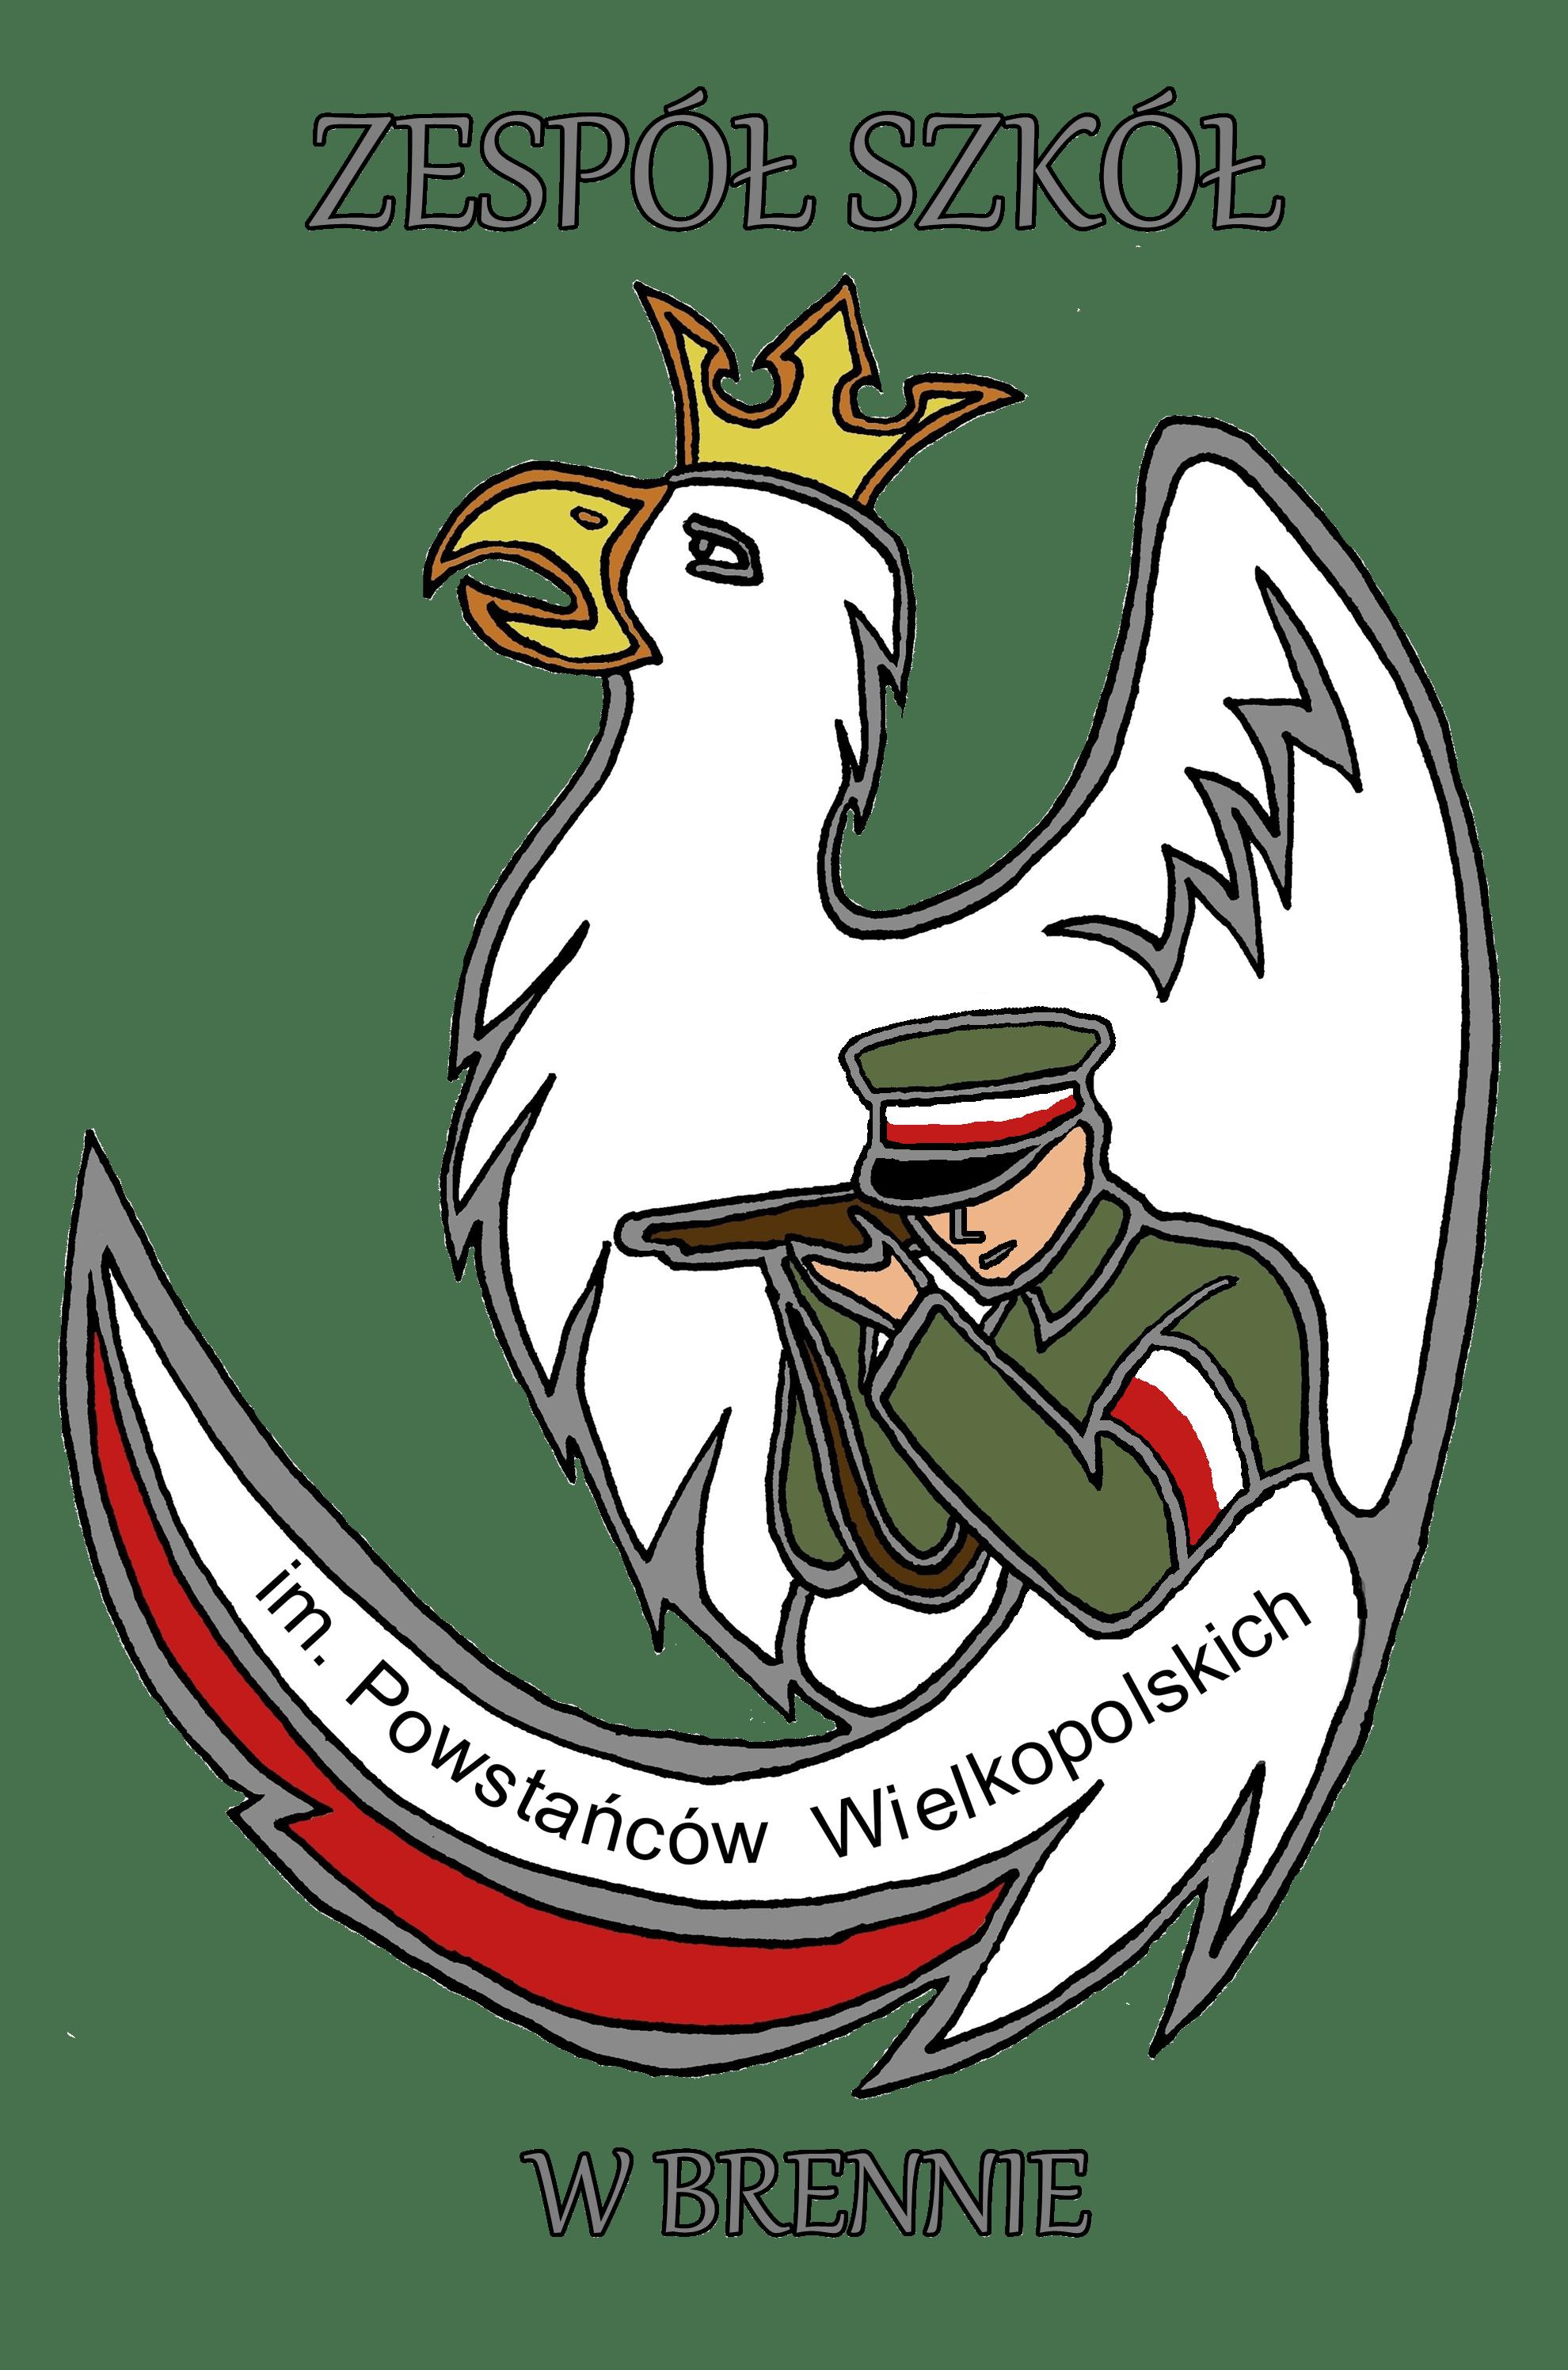 Zespół Szkół im.Powstańców Wielkopolskich wBrennie